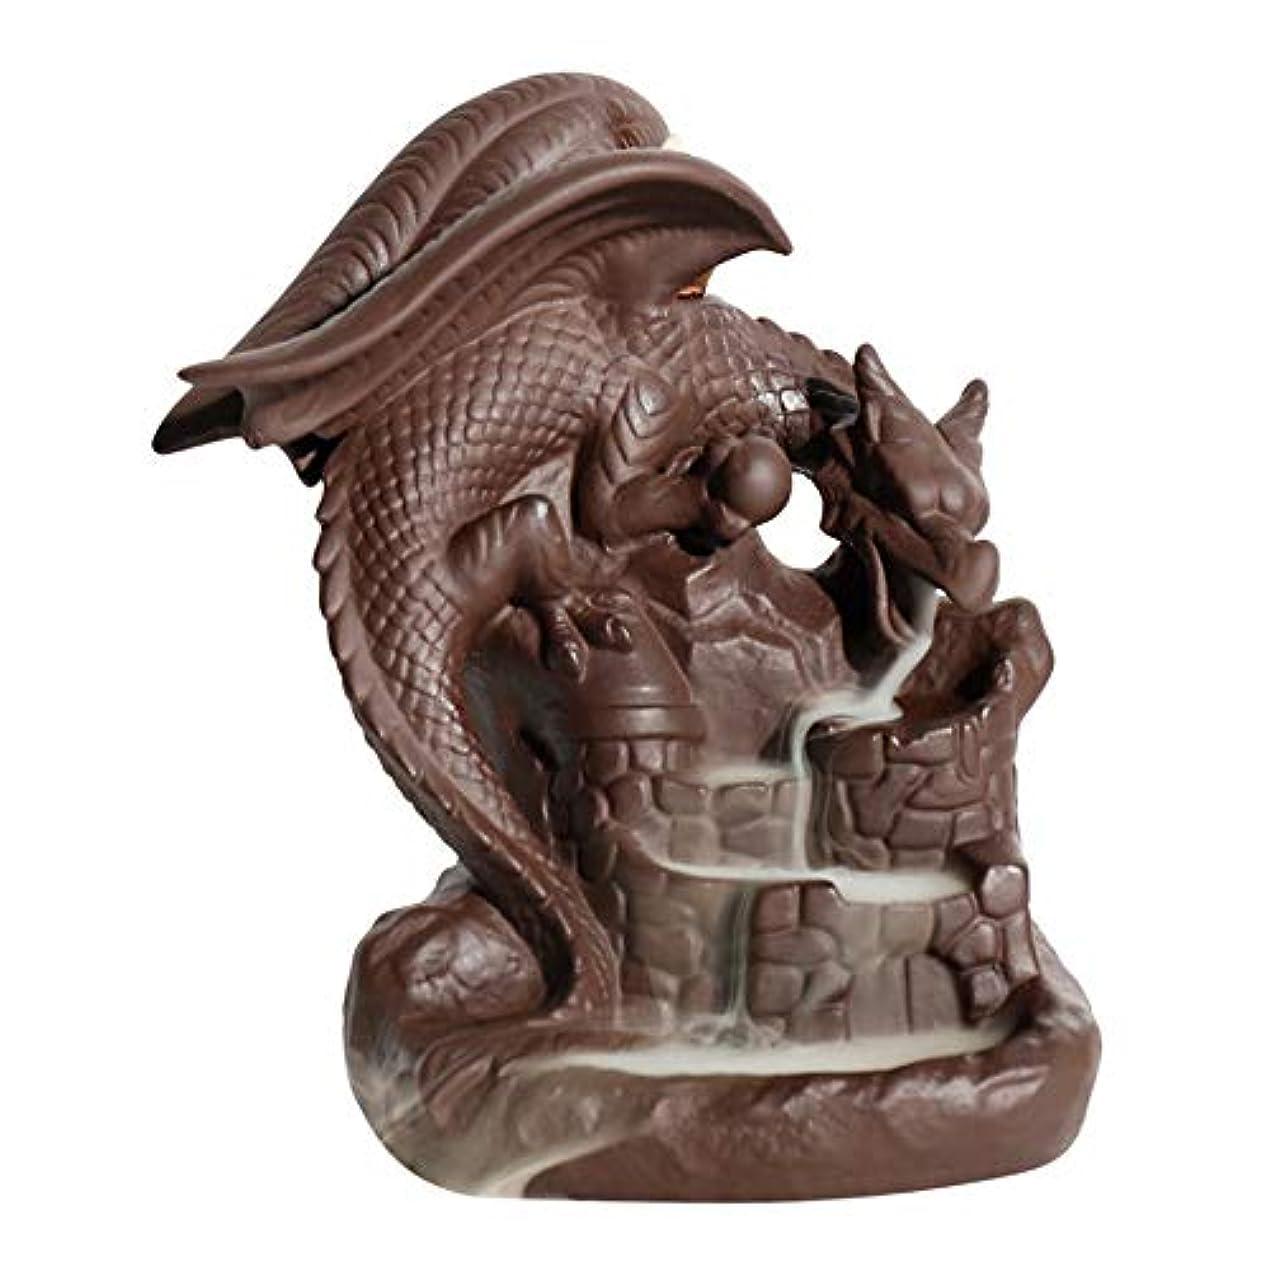 六望むハイブリッド逆流香バーナー、香バーナードラゴンホルダー中国セラミック、10個入り逆流香ホルダー逆流香コーン理想的なギフトホーム手芸装飾